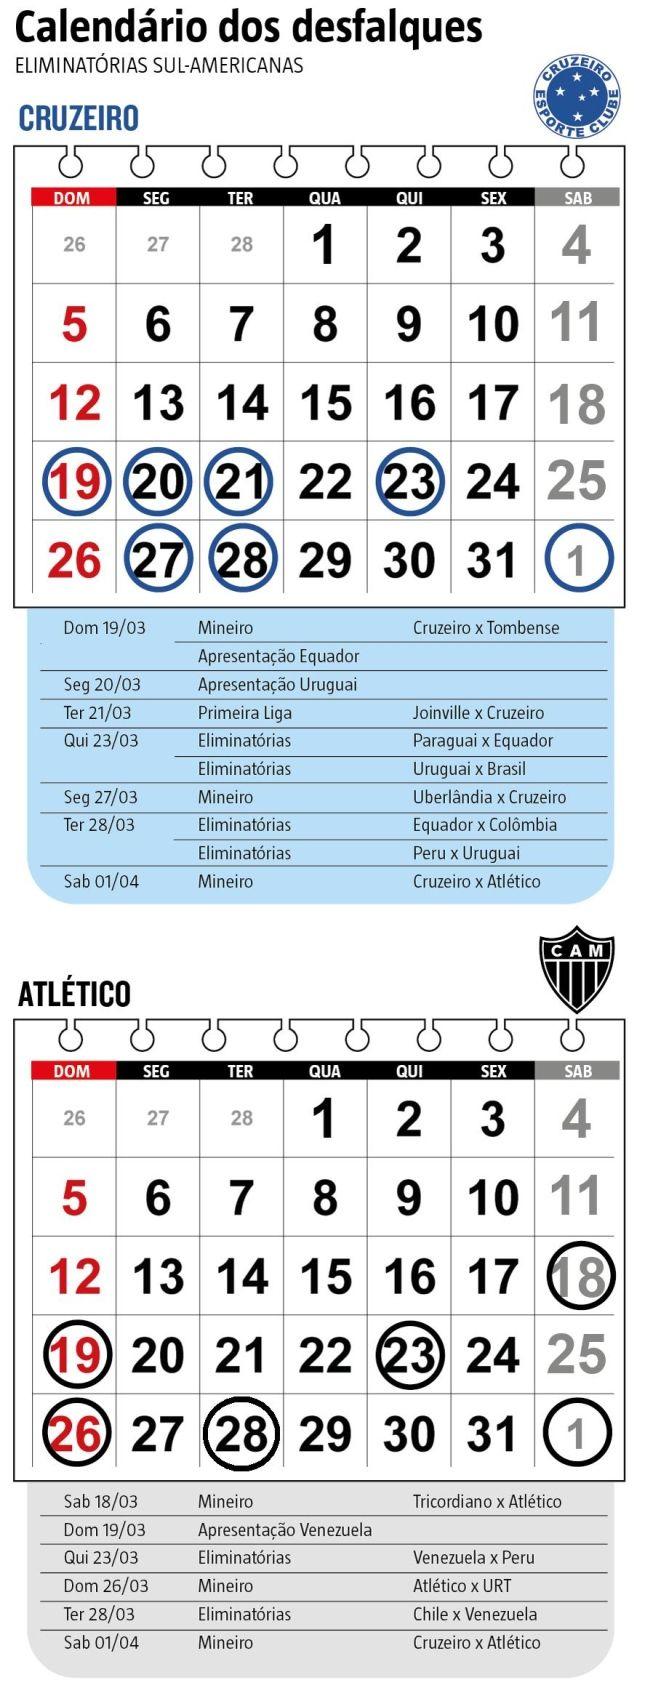 hhttp://hojeemdia.com.br/esportes/convoca%C3%A7%C3%B5es-desfalcam-cruzeiro-e-atl%C3%A9tico-%C3%A0s-v%C3%A9speras-do-cl%C3%A1ssico-pelo-campeonato-mineiro-1.451701  Convocações desfalcam Cruzeiro e Atlético às vésperas do clássico pelo Campeonato Mineiro